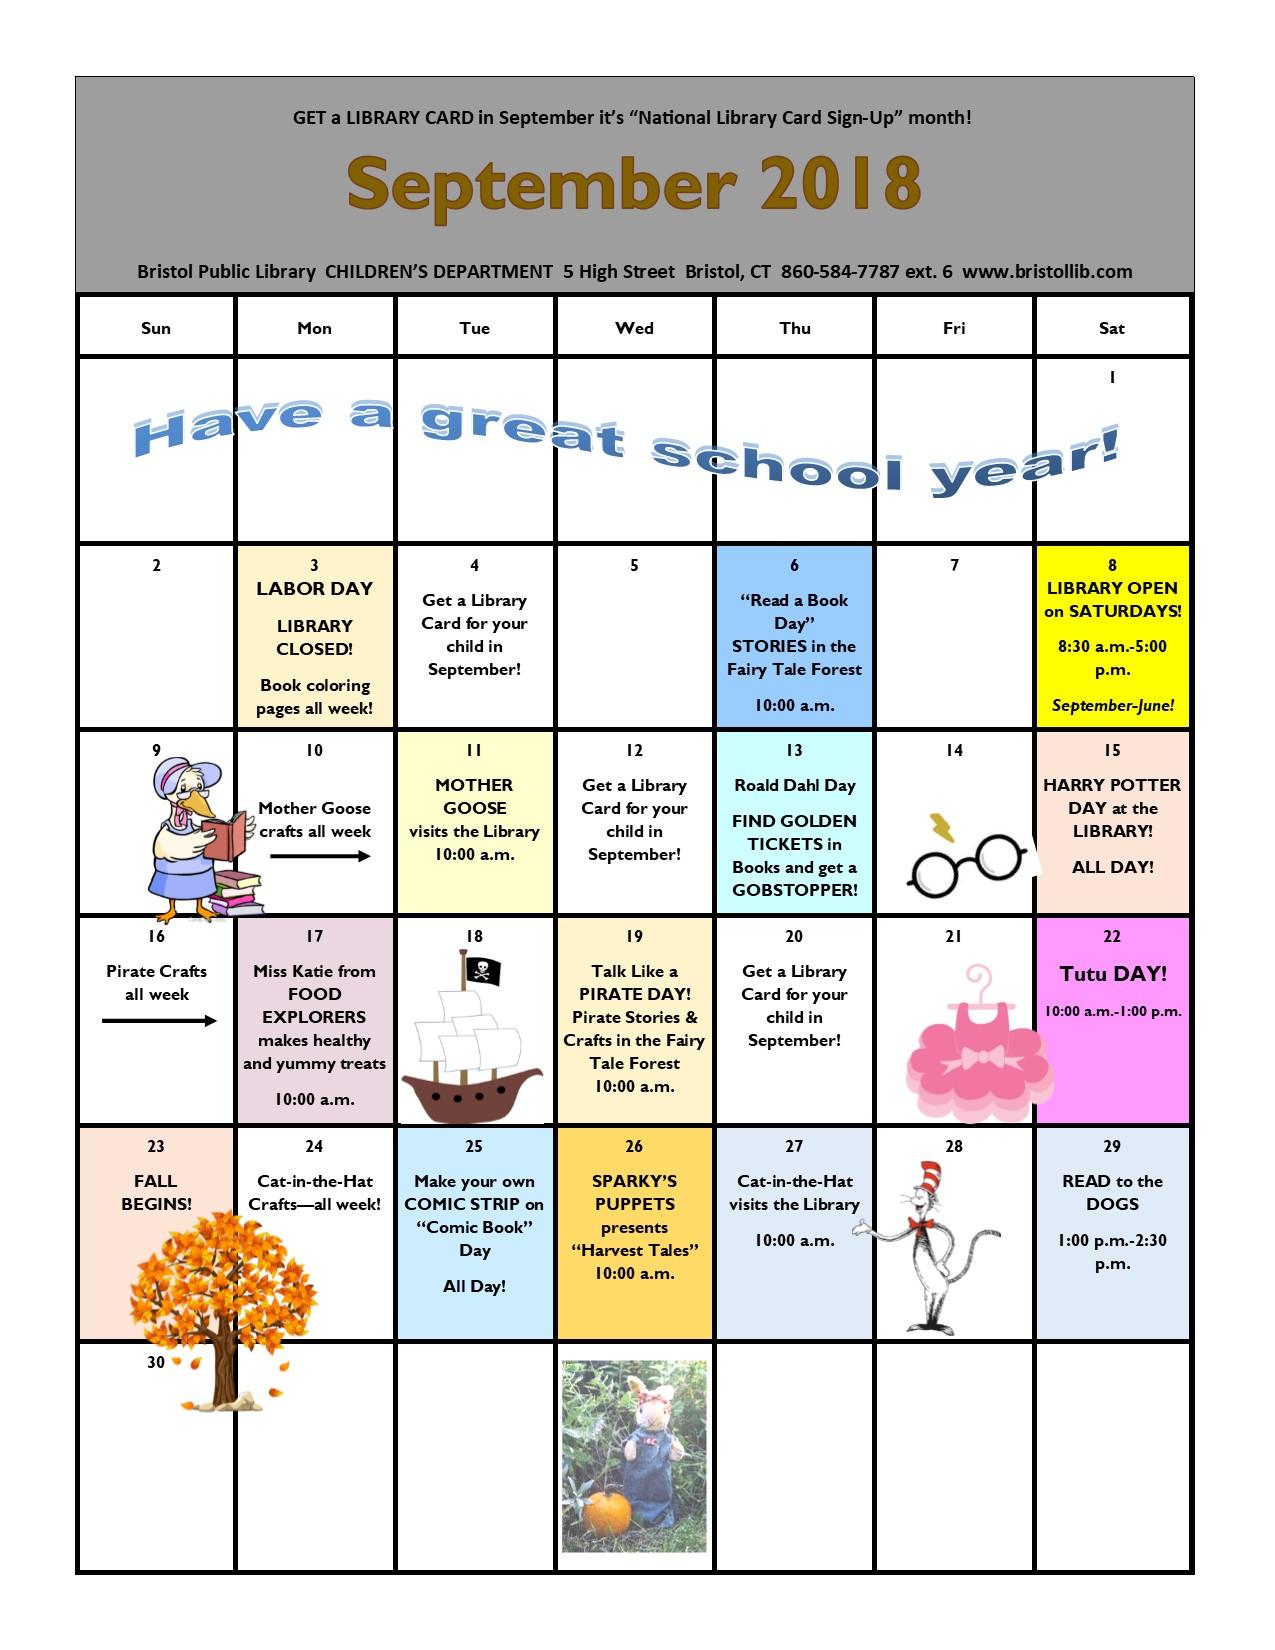 September 2018 calendar - Bristol Public Library